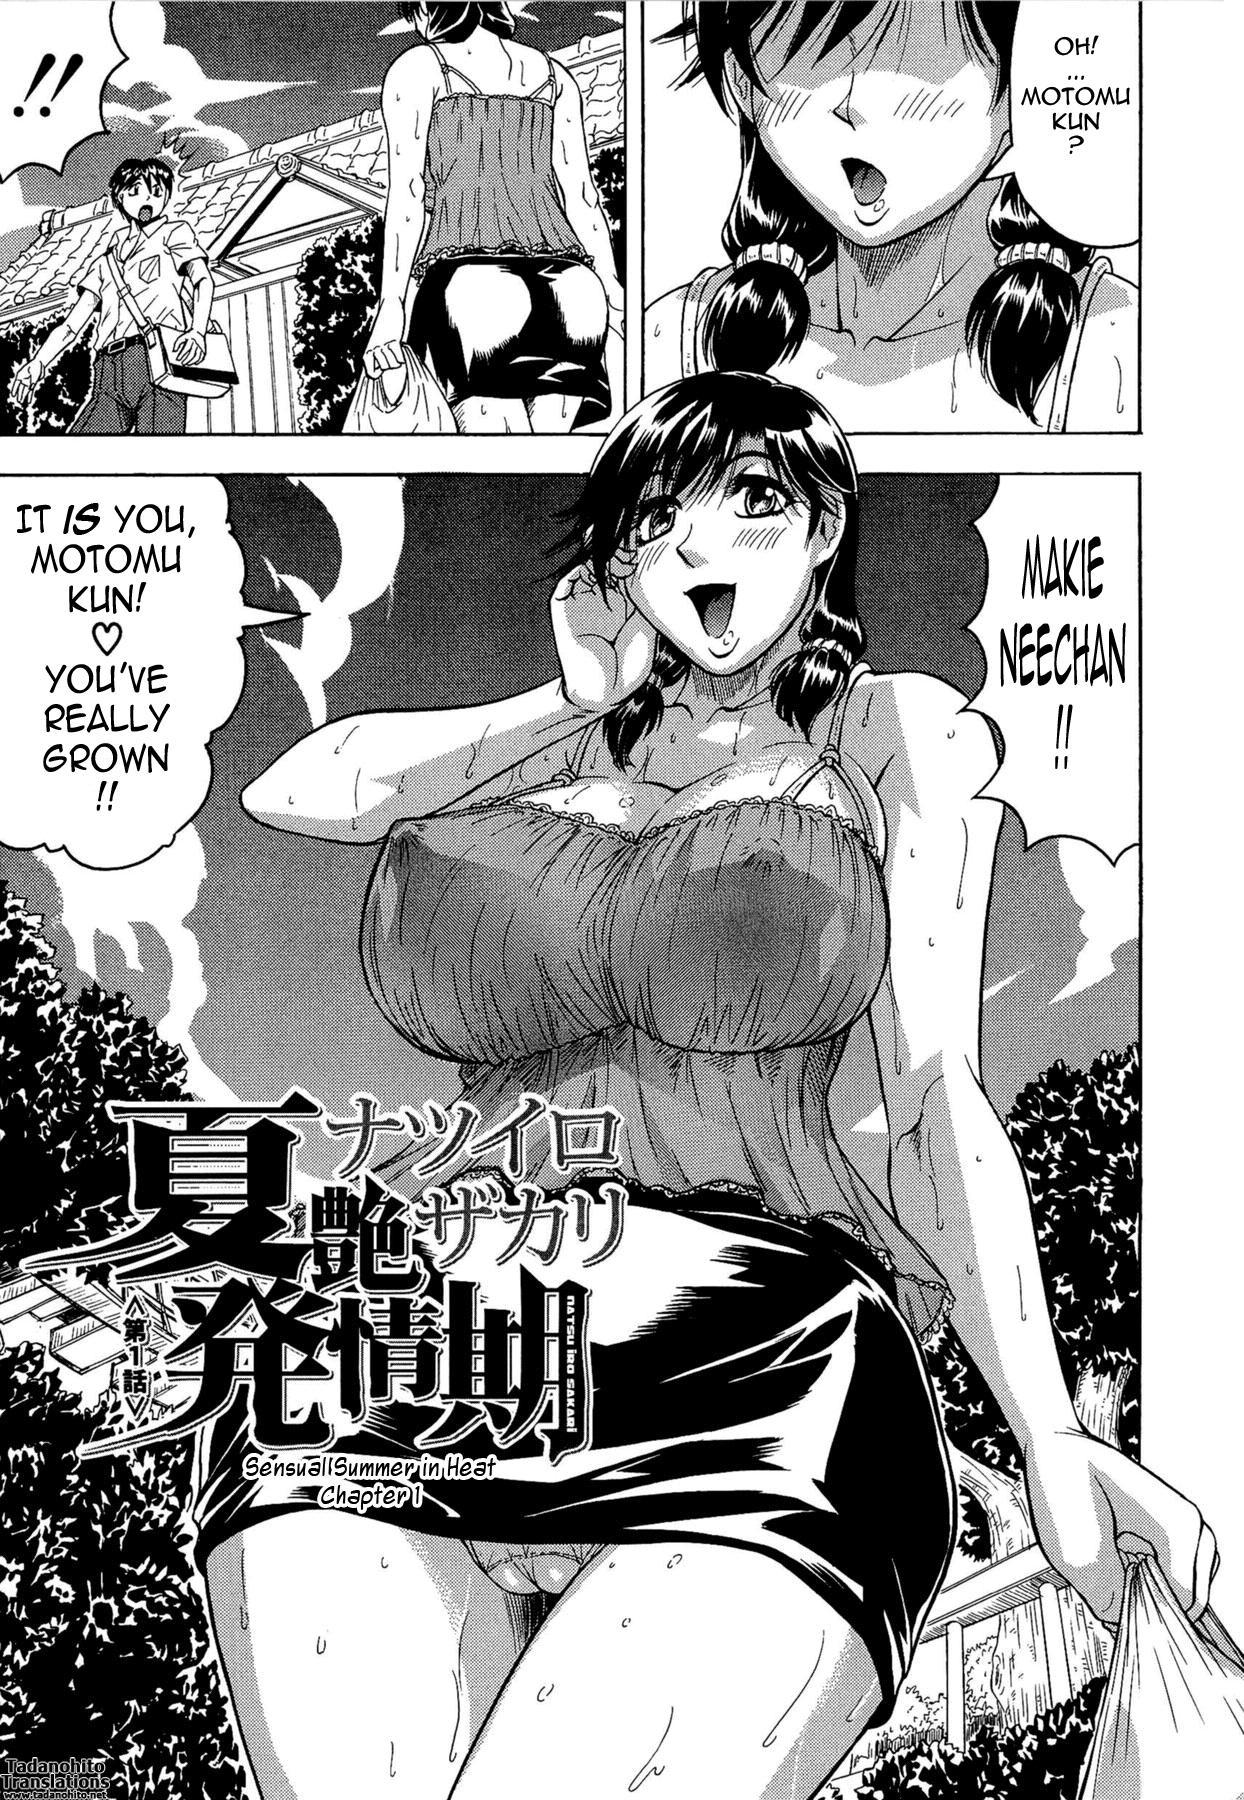 [Jamming] Koibito ha Tonari no Oneesan (Hatsujyouki) | My Lover is the Girl Next Door [English] {Tadanohito} 8